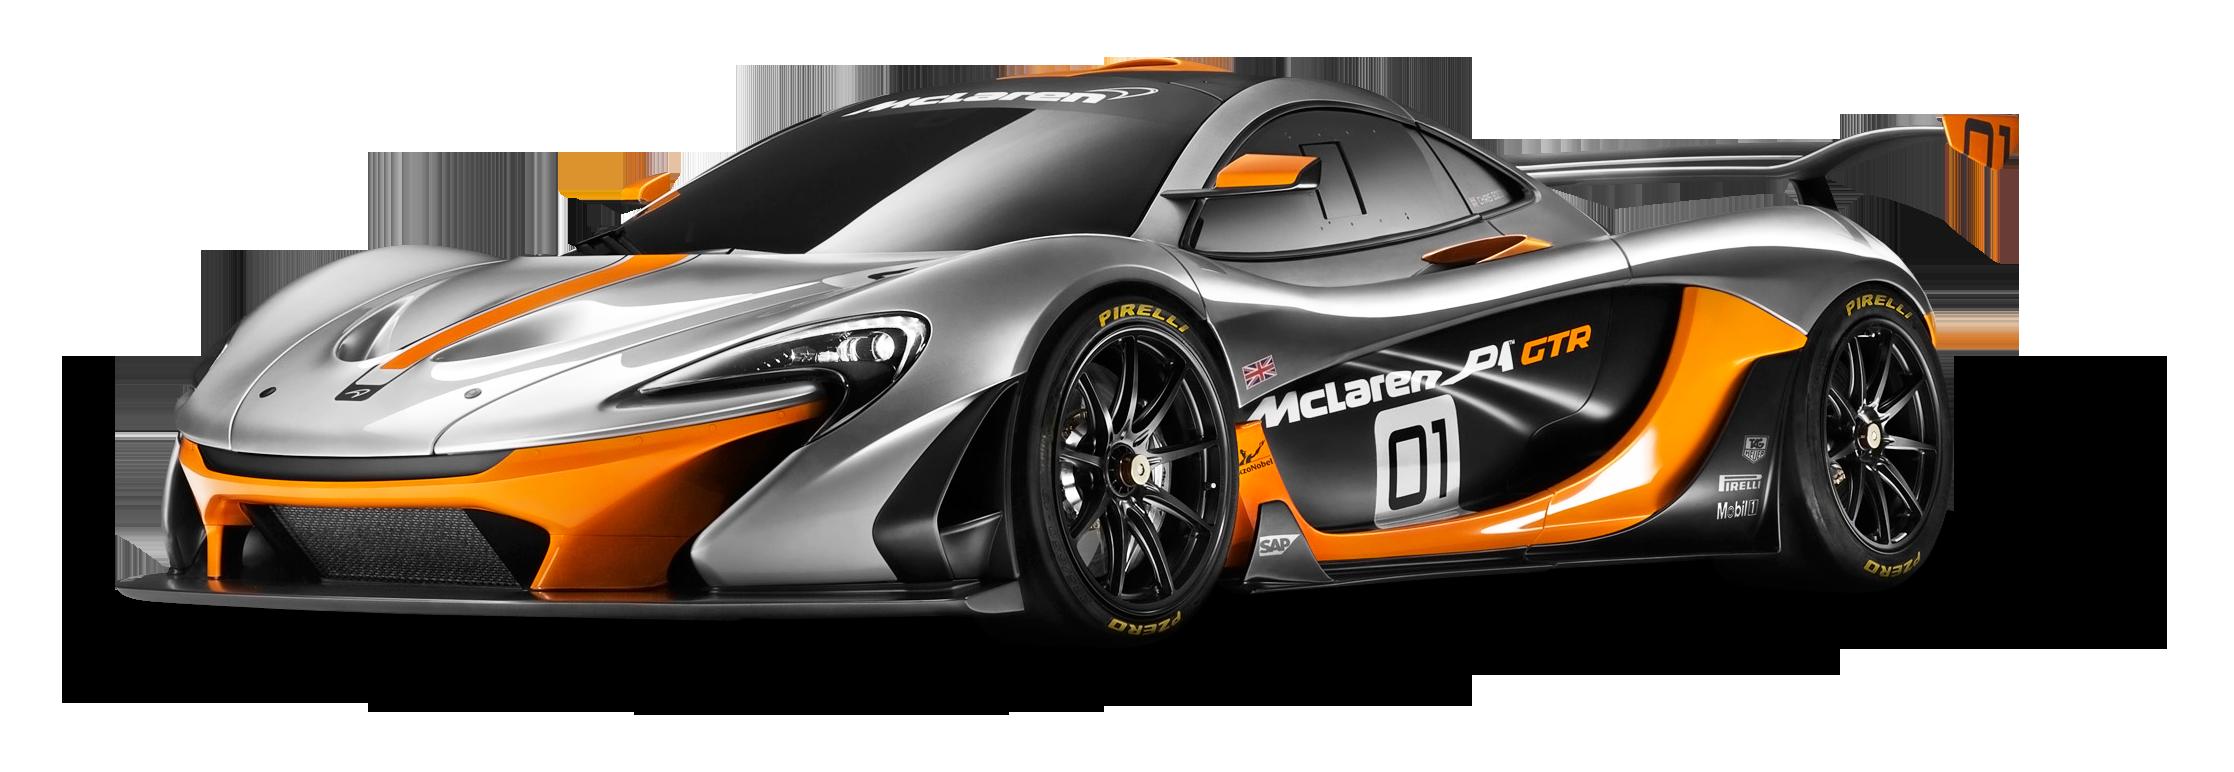 McLaren P1 GTR Race Car PNG Image